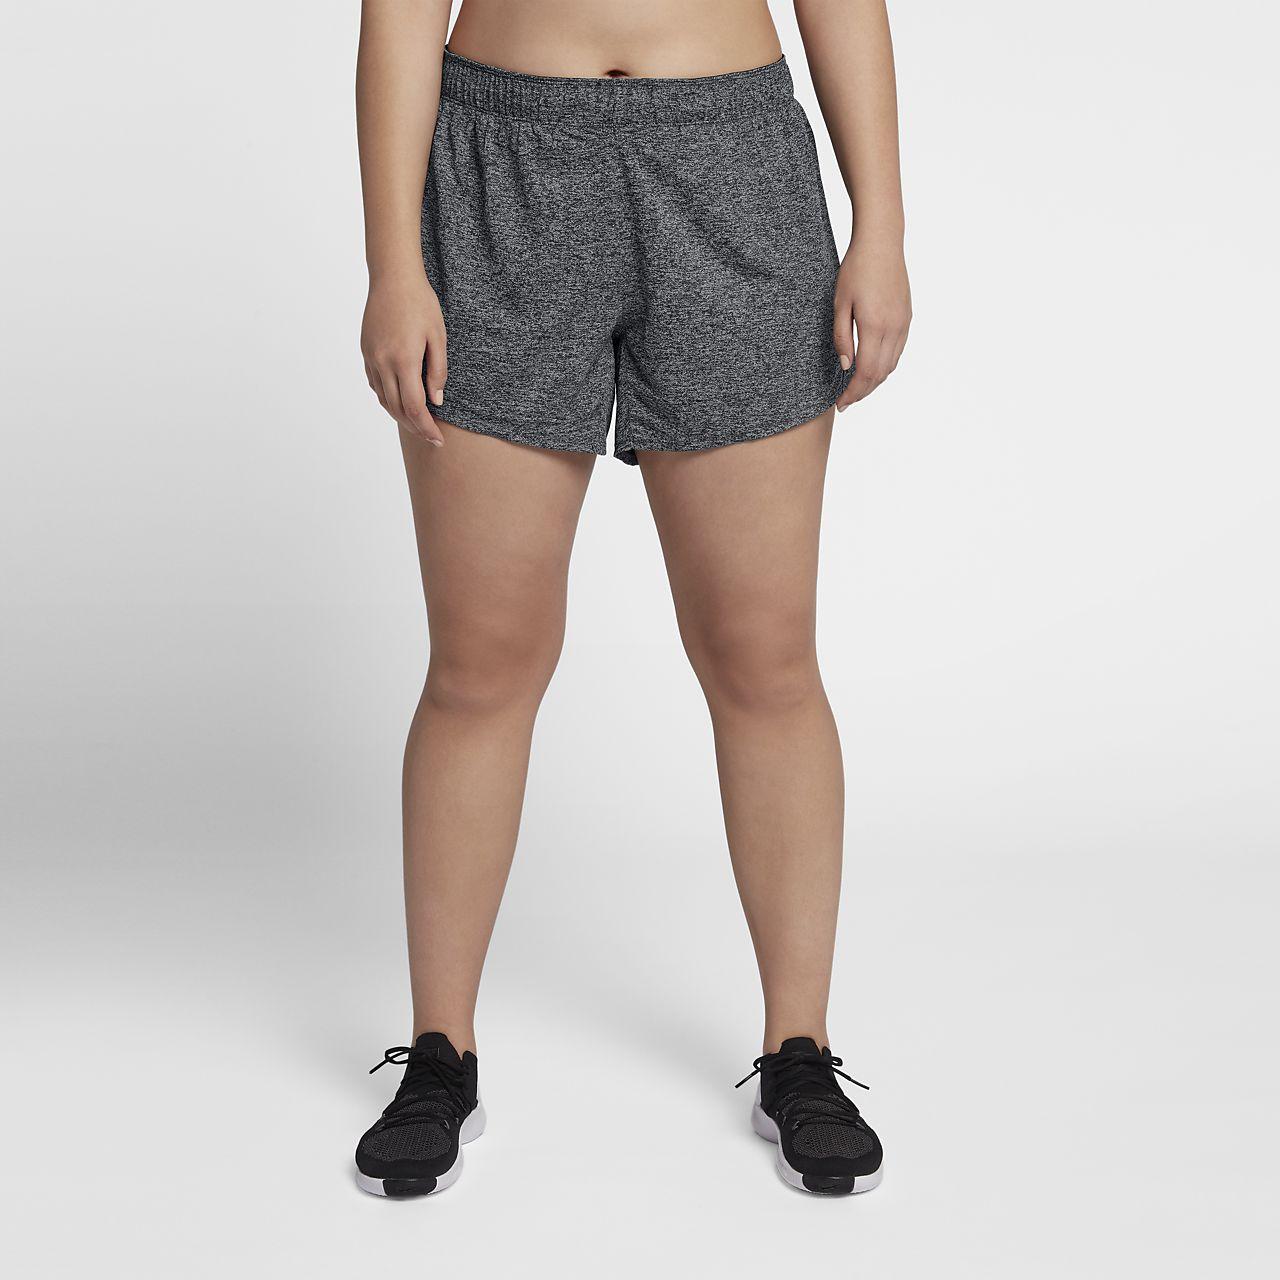 Women's Dri FIT Shorts.